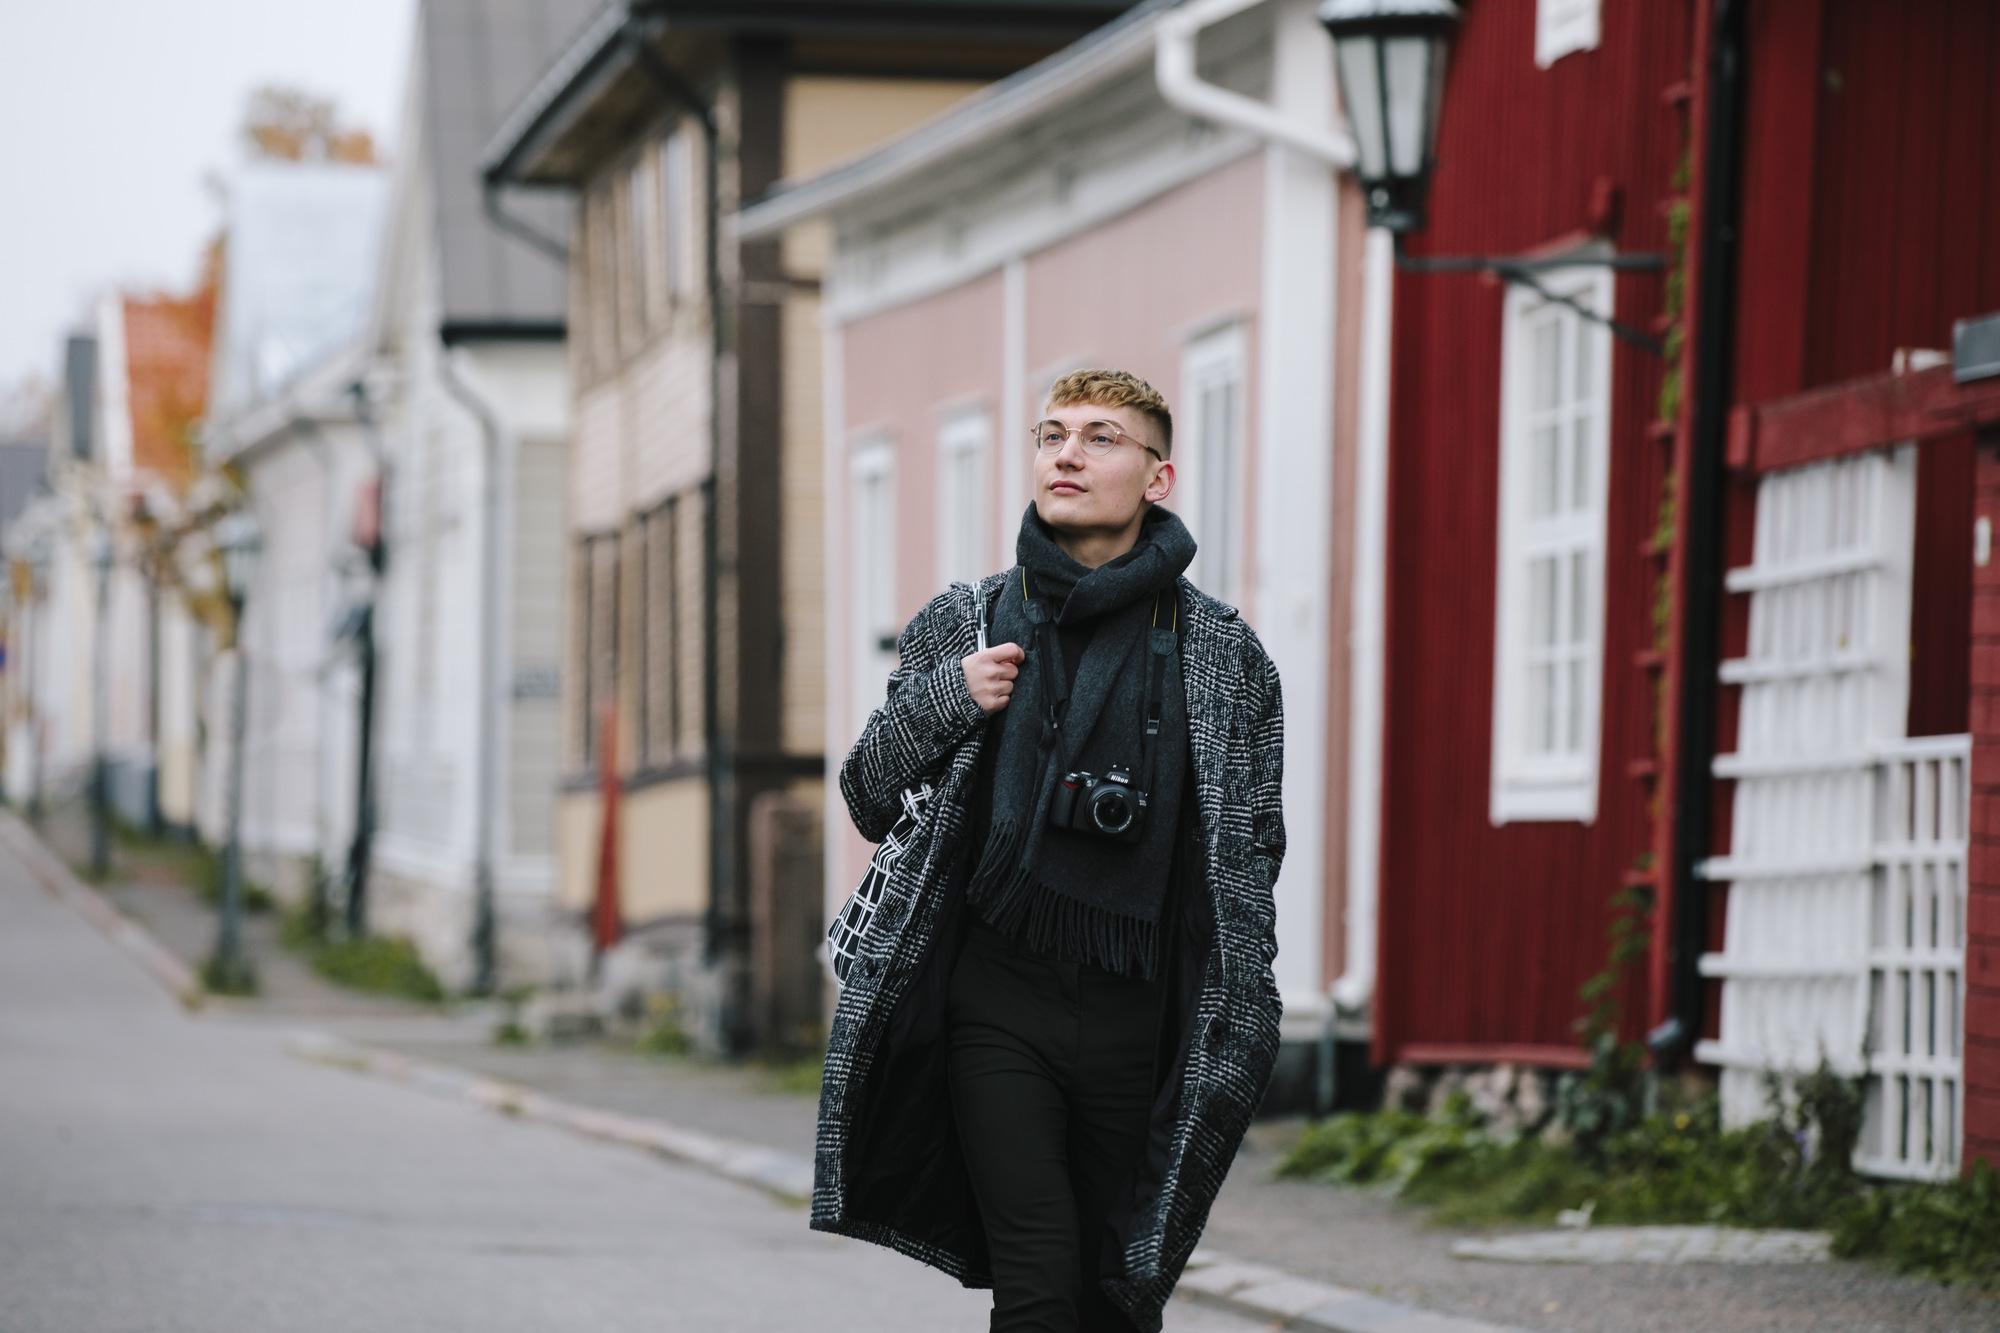 Nuori kävelee katsellen Neristanin värikkäitä taloja.